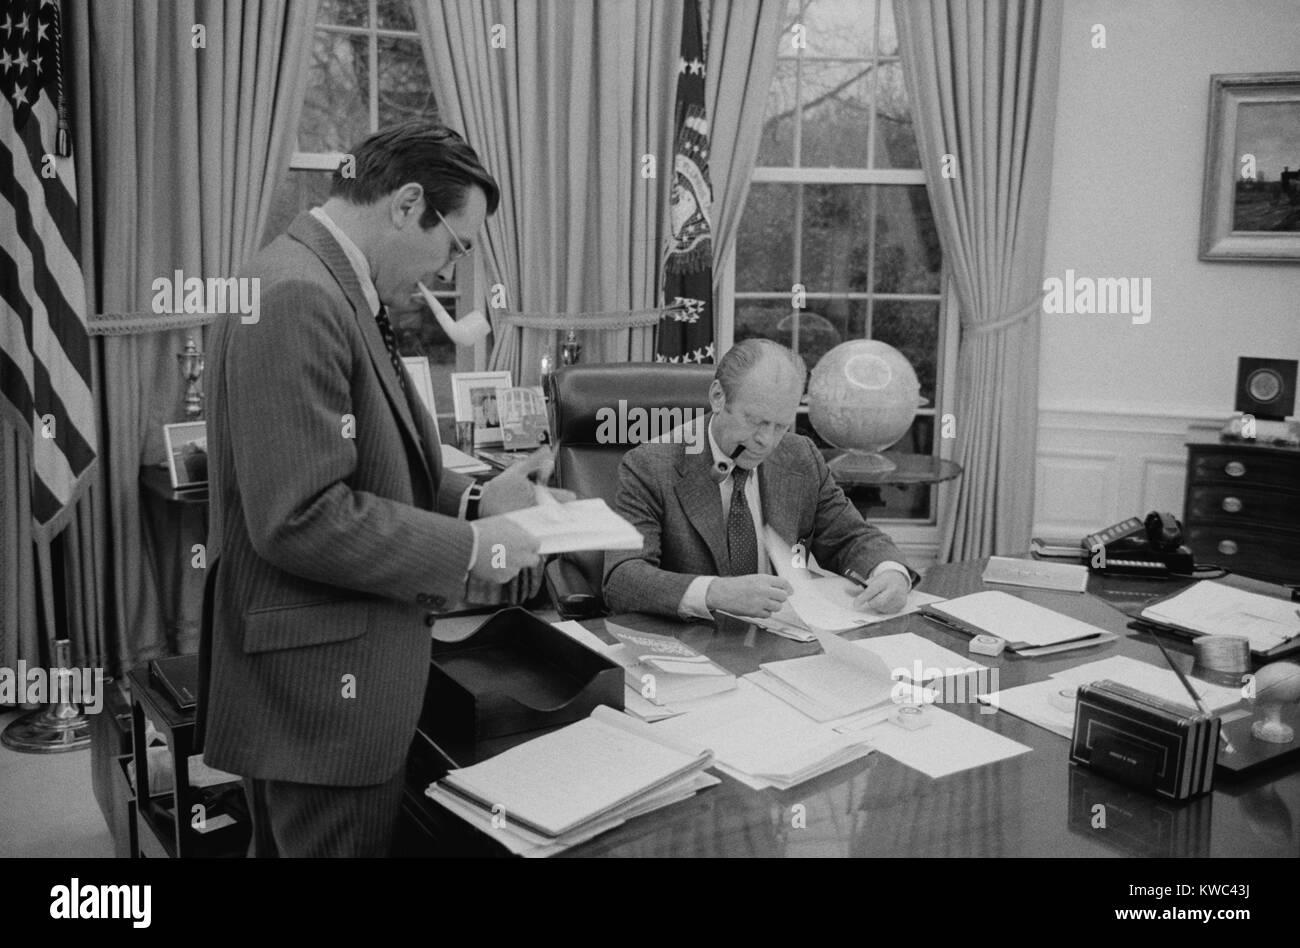 Le président Gerald Ford rencontre avec son chef de cabinet, Donald Rumsfeld. 6 février 1975. (BSLOC___2015 14 59) Banque D'Images